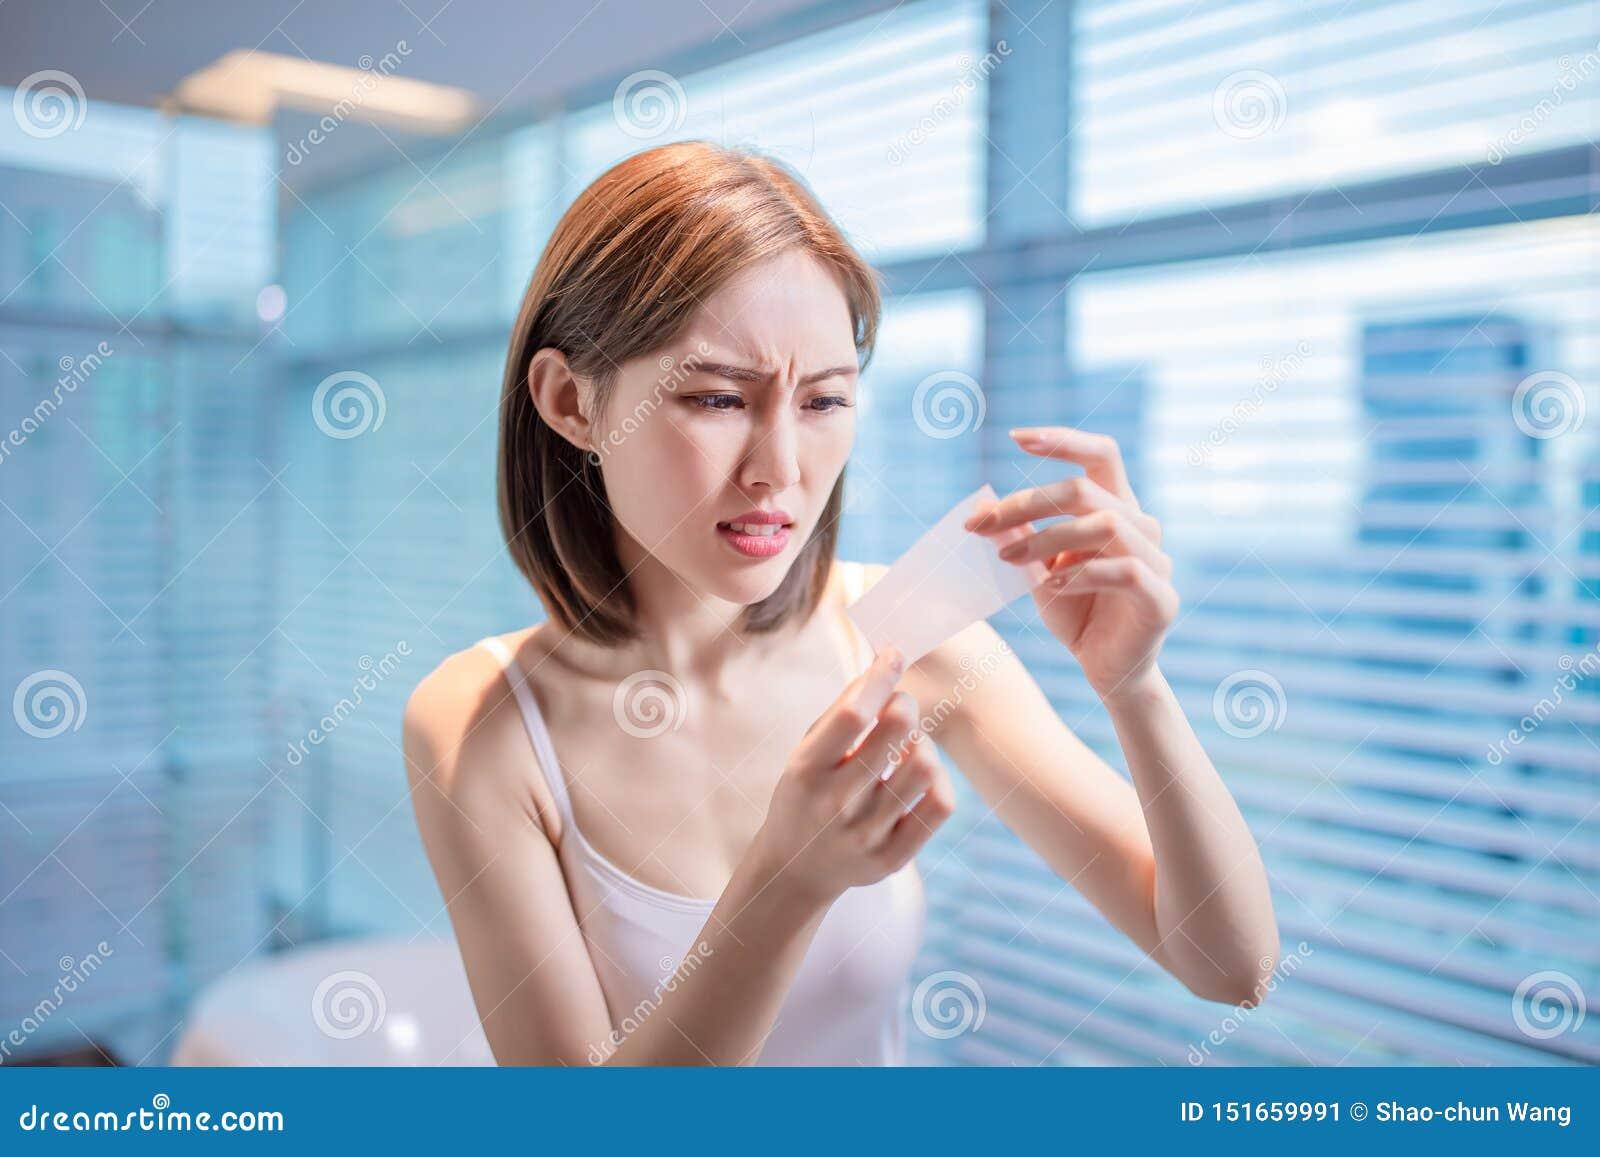 Papel secante del aceite del uso de la mujer